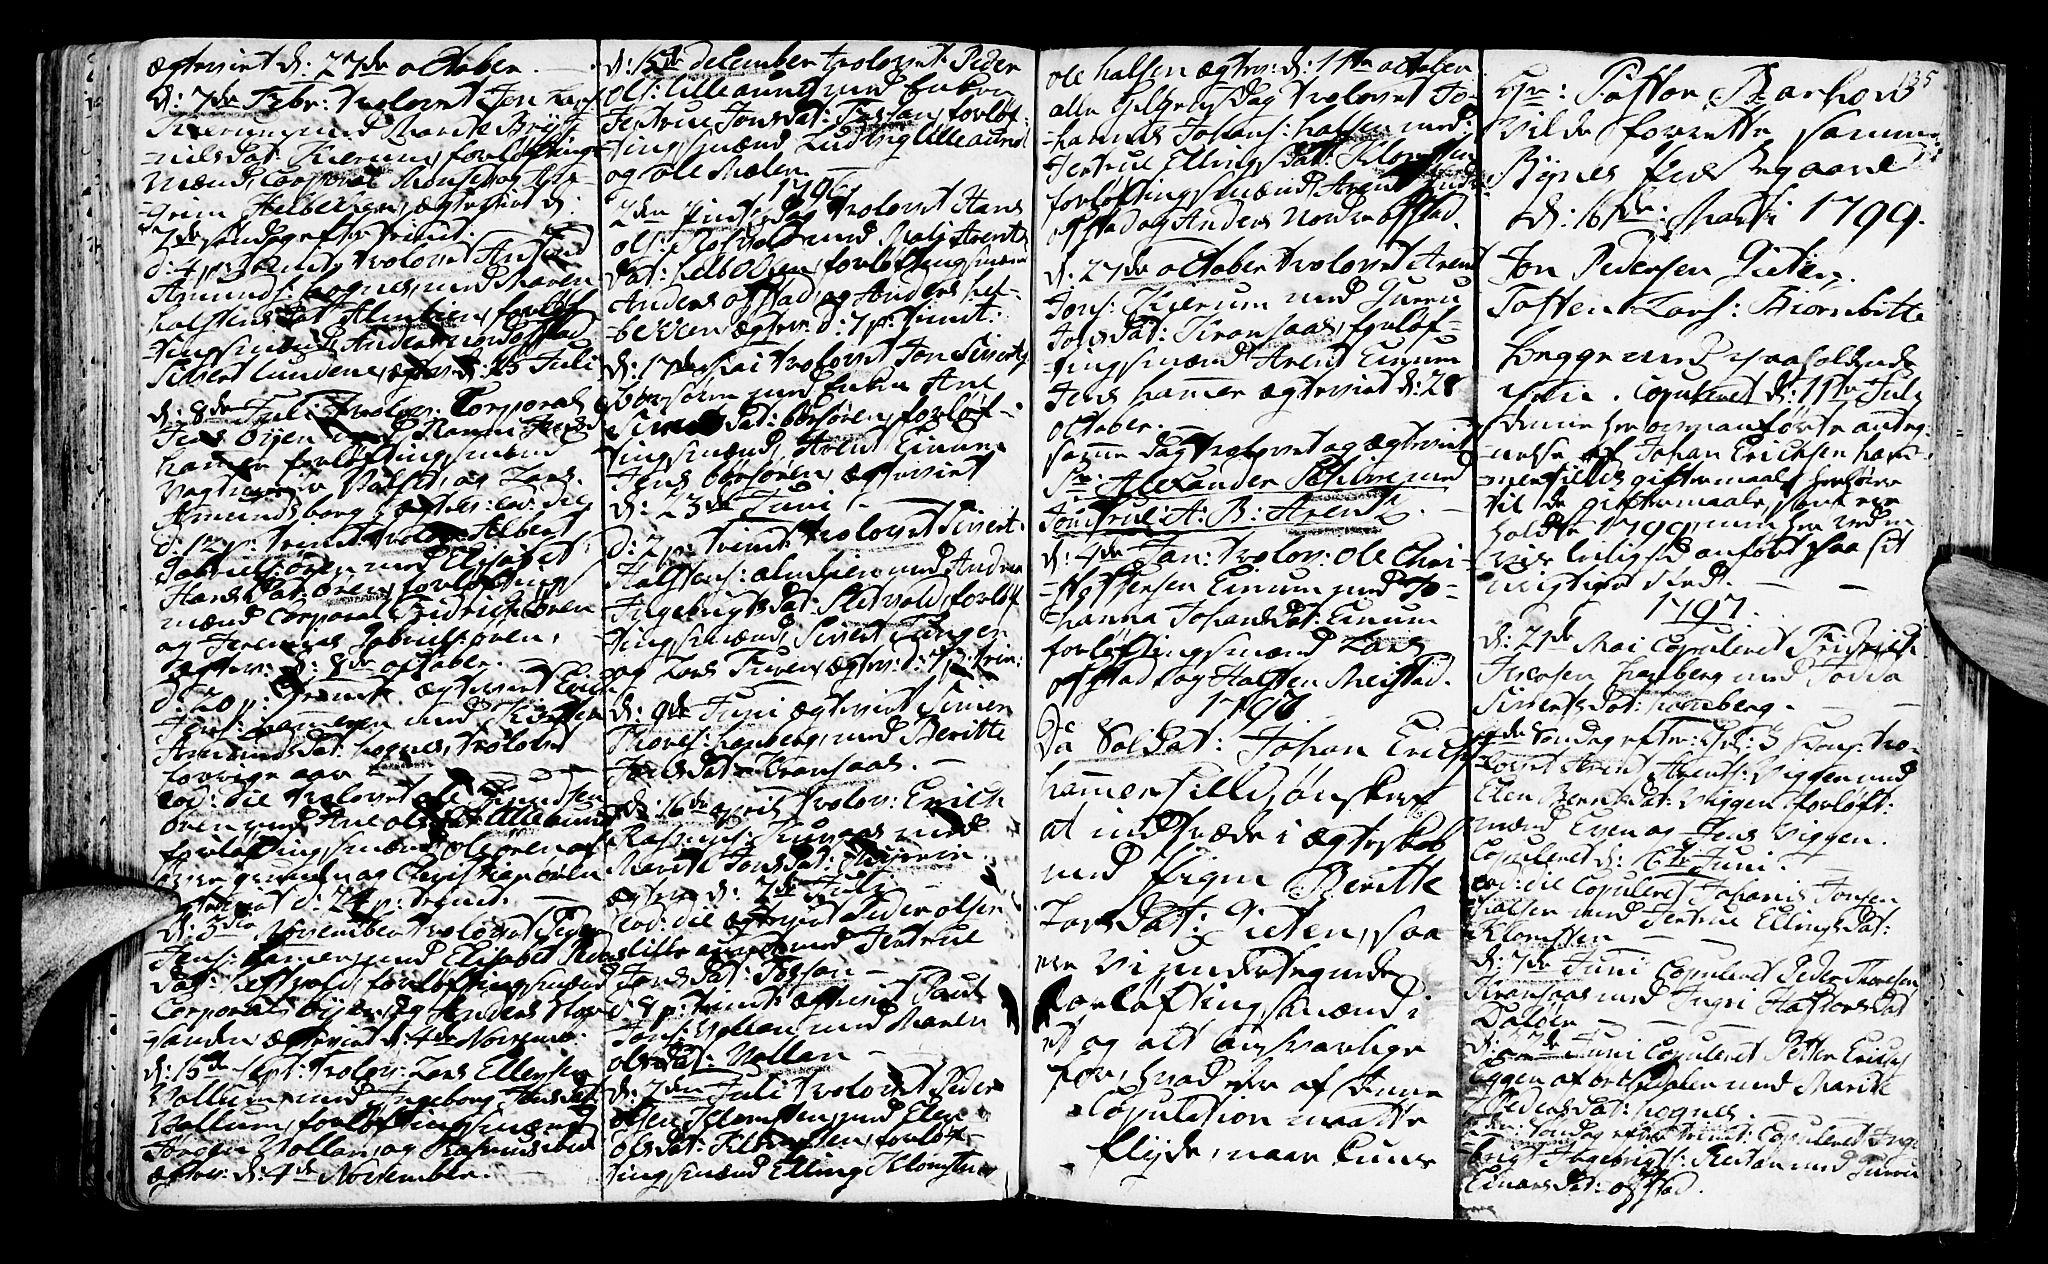 SAT, Ministerialprotokoller, klokkerbøker og fødselsregistre - Sør-Trøndelag, 665/L0768: Ministerialbok nr. 665A03, 1754-1803, s. 135